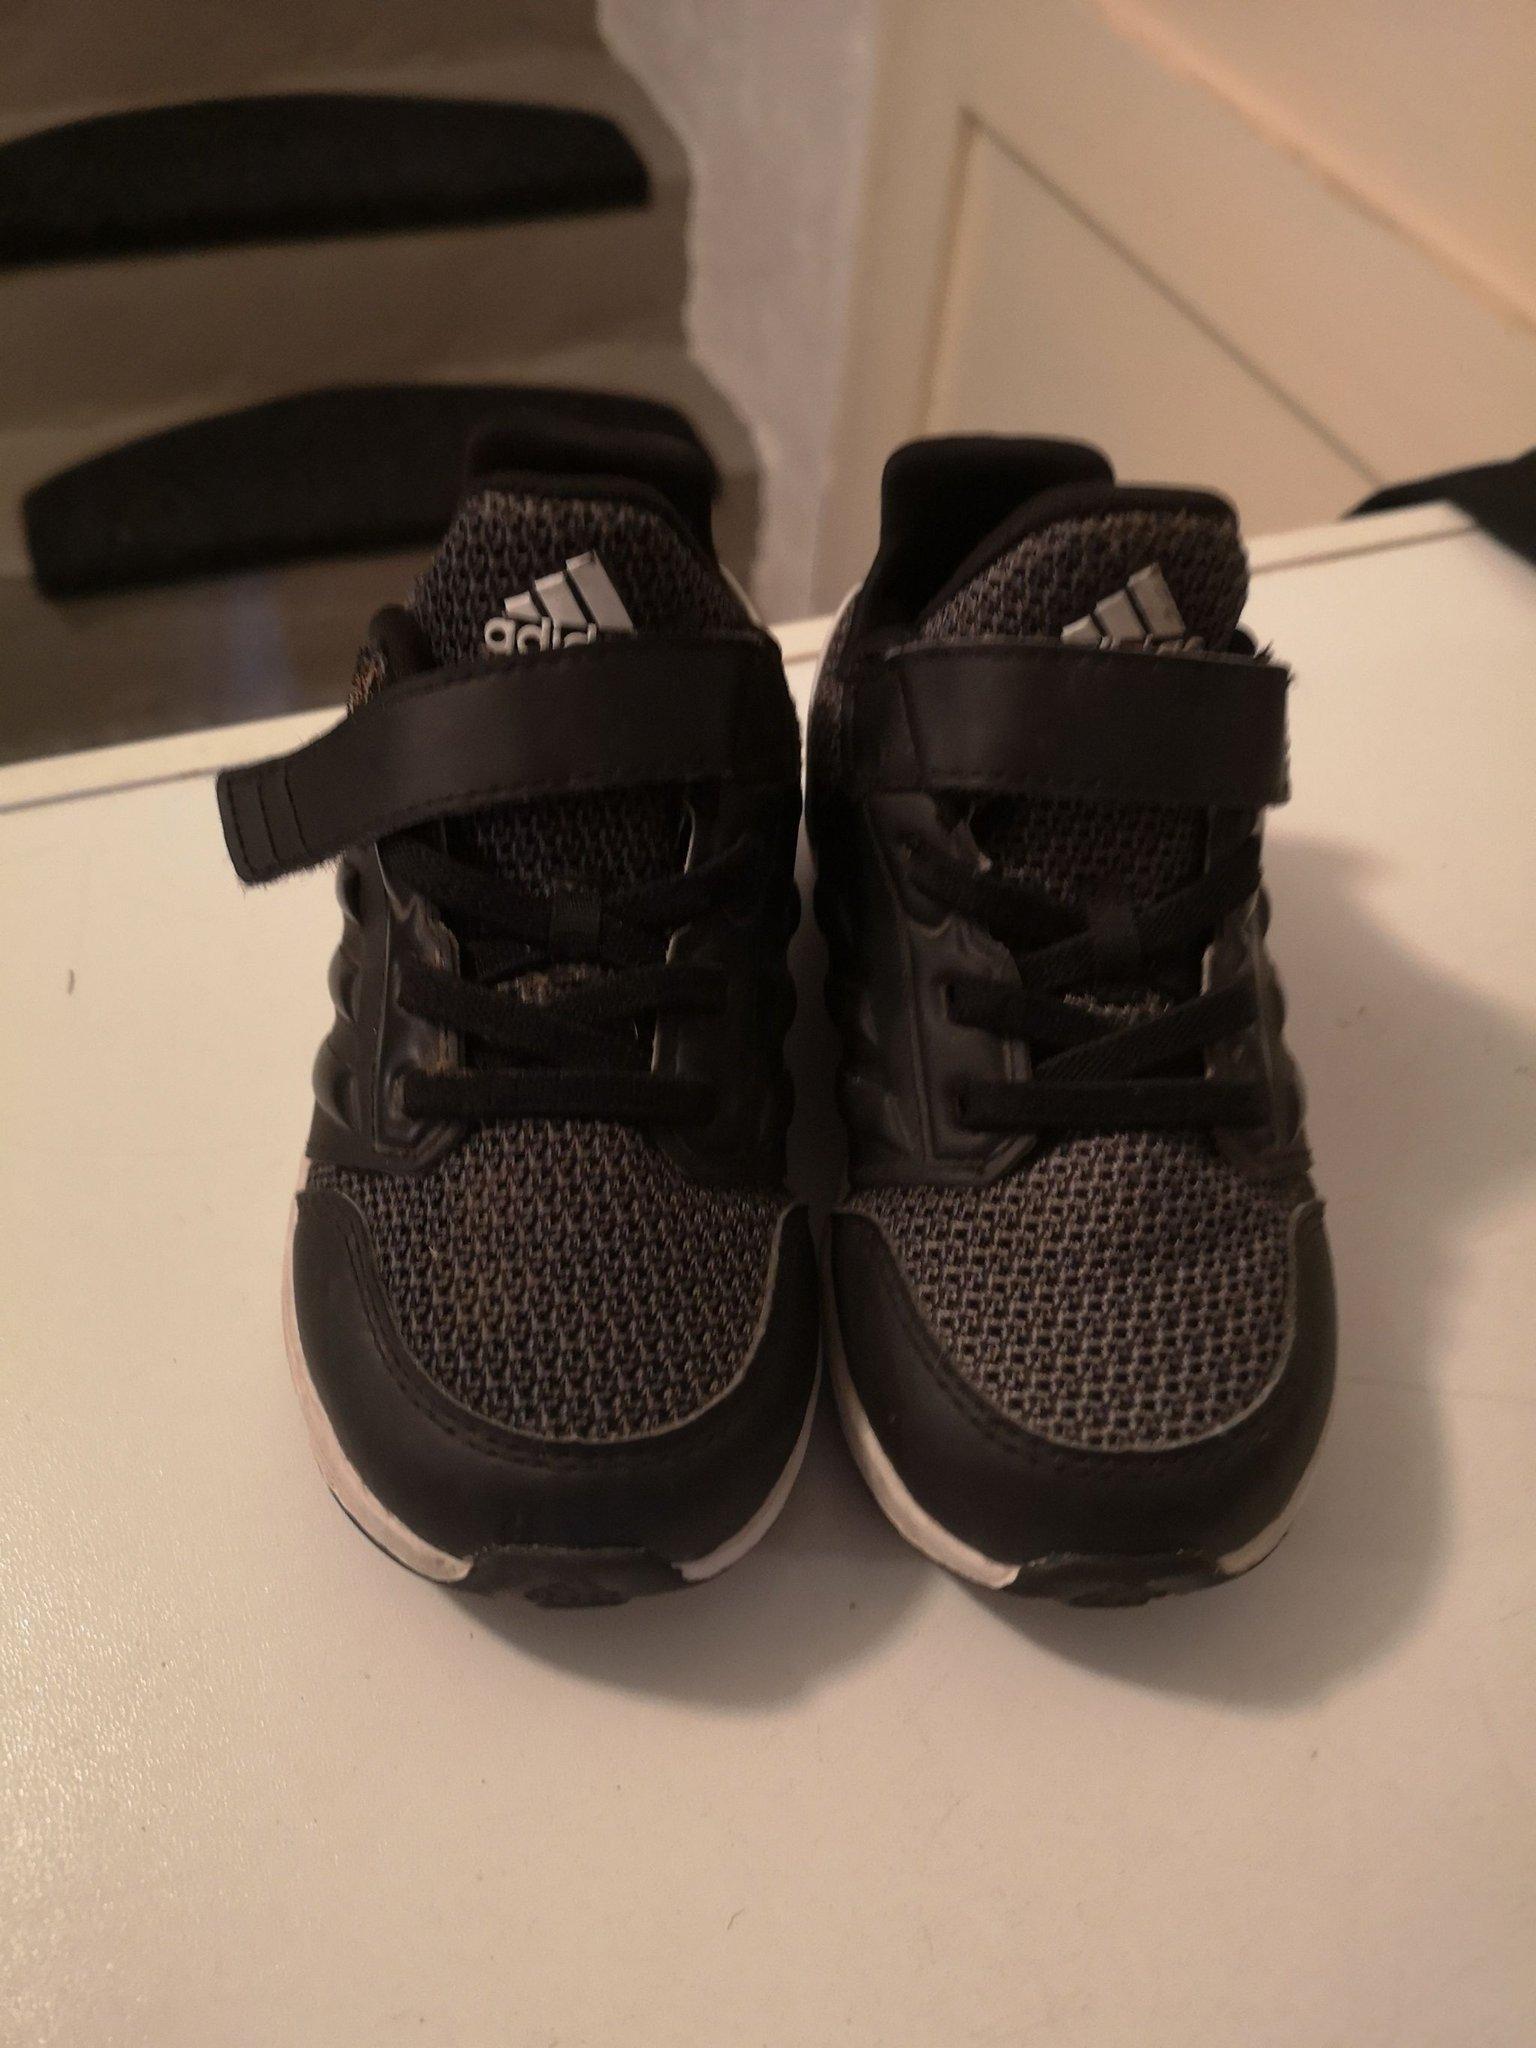 Adidas skor storlek 24 (408193120) ᐈ Köp på Tradera